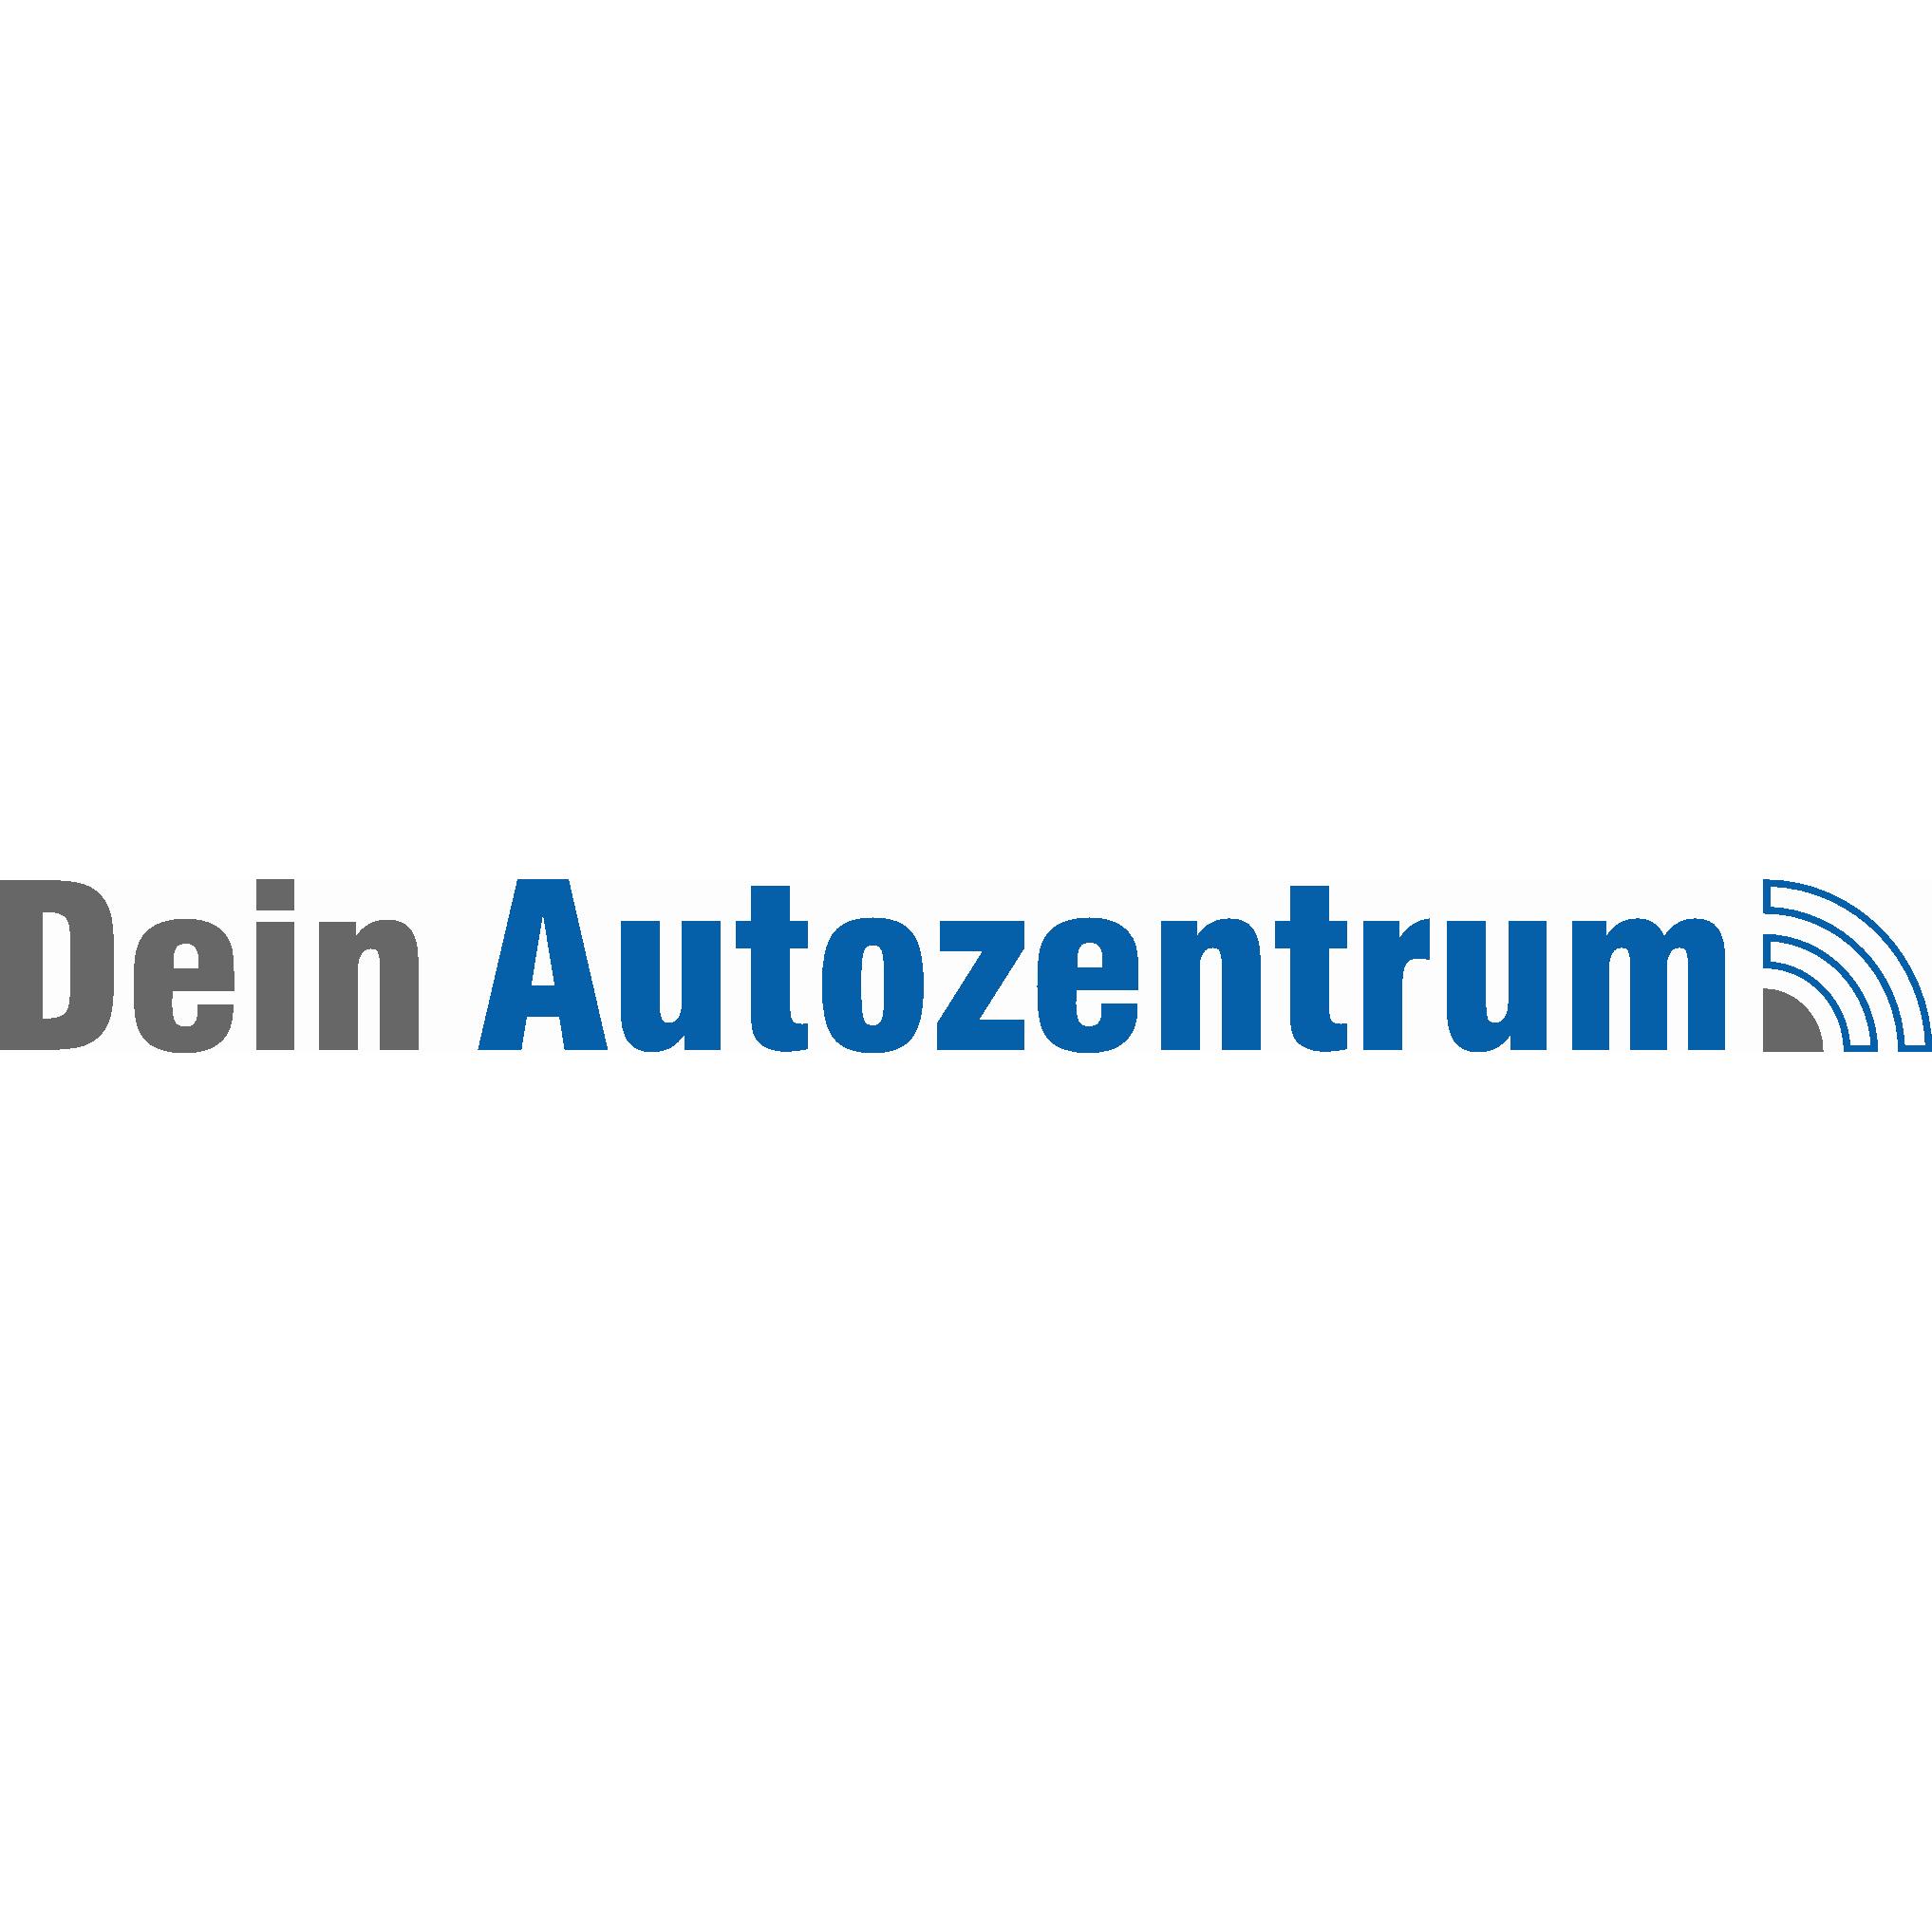 Logo von Dein Autozentrum Pasewalk GmbH